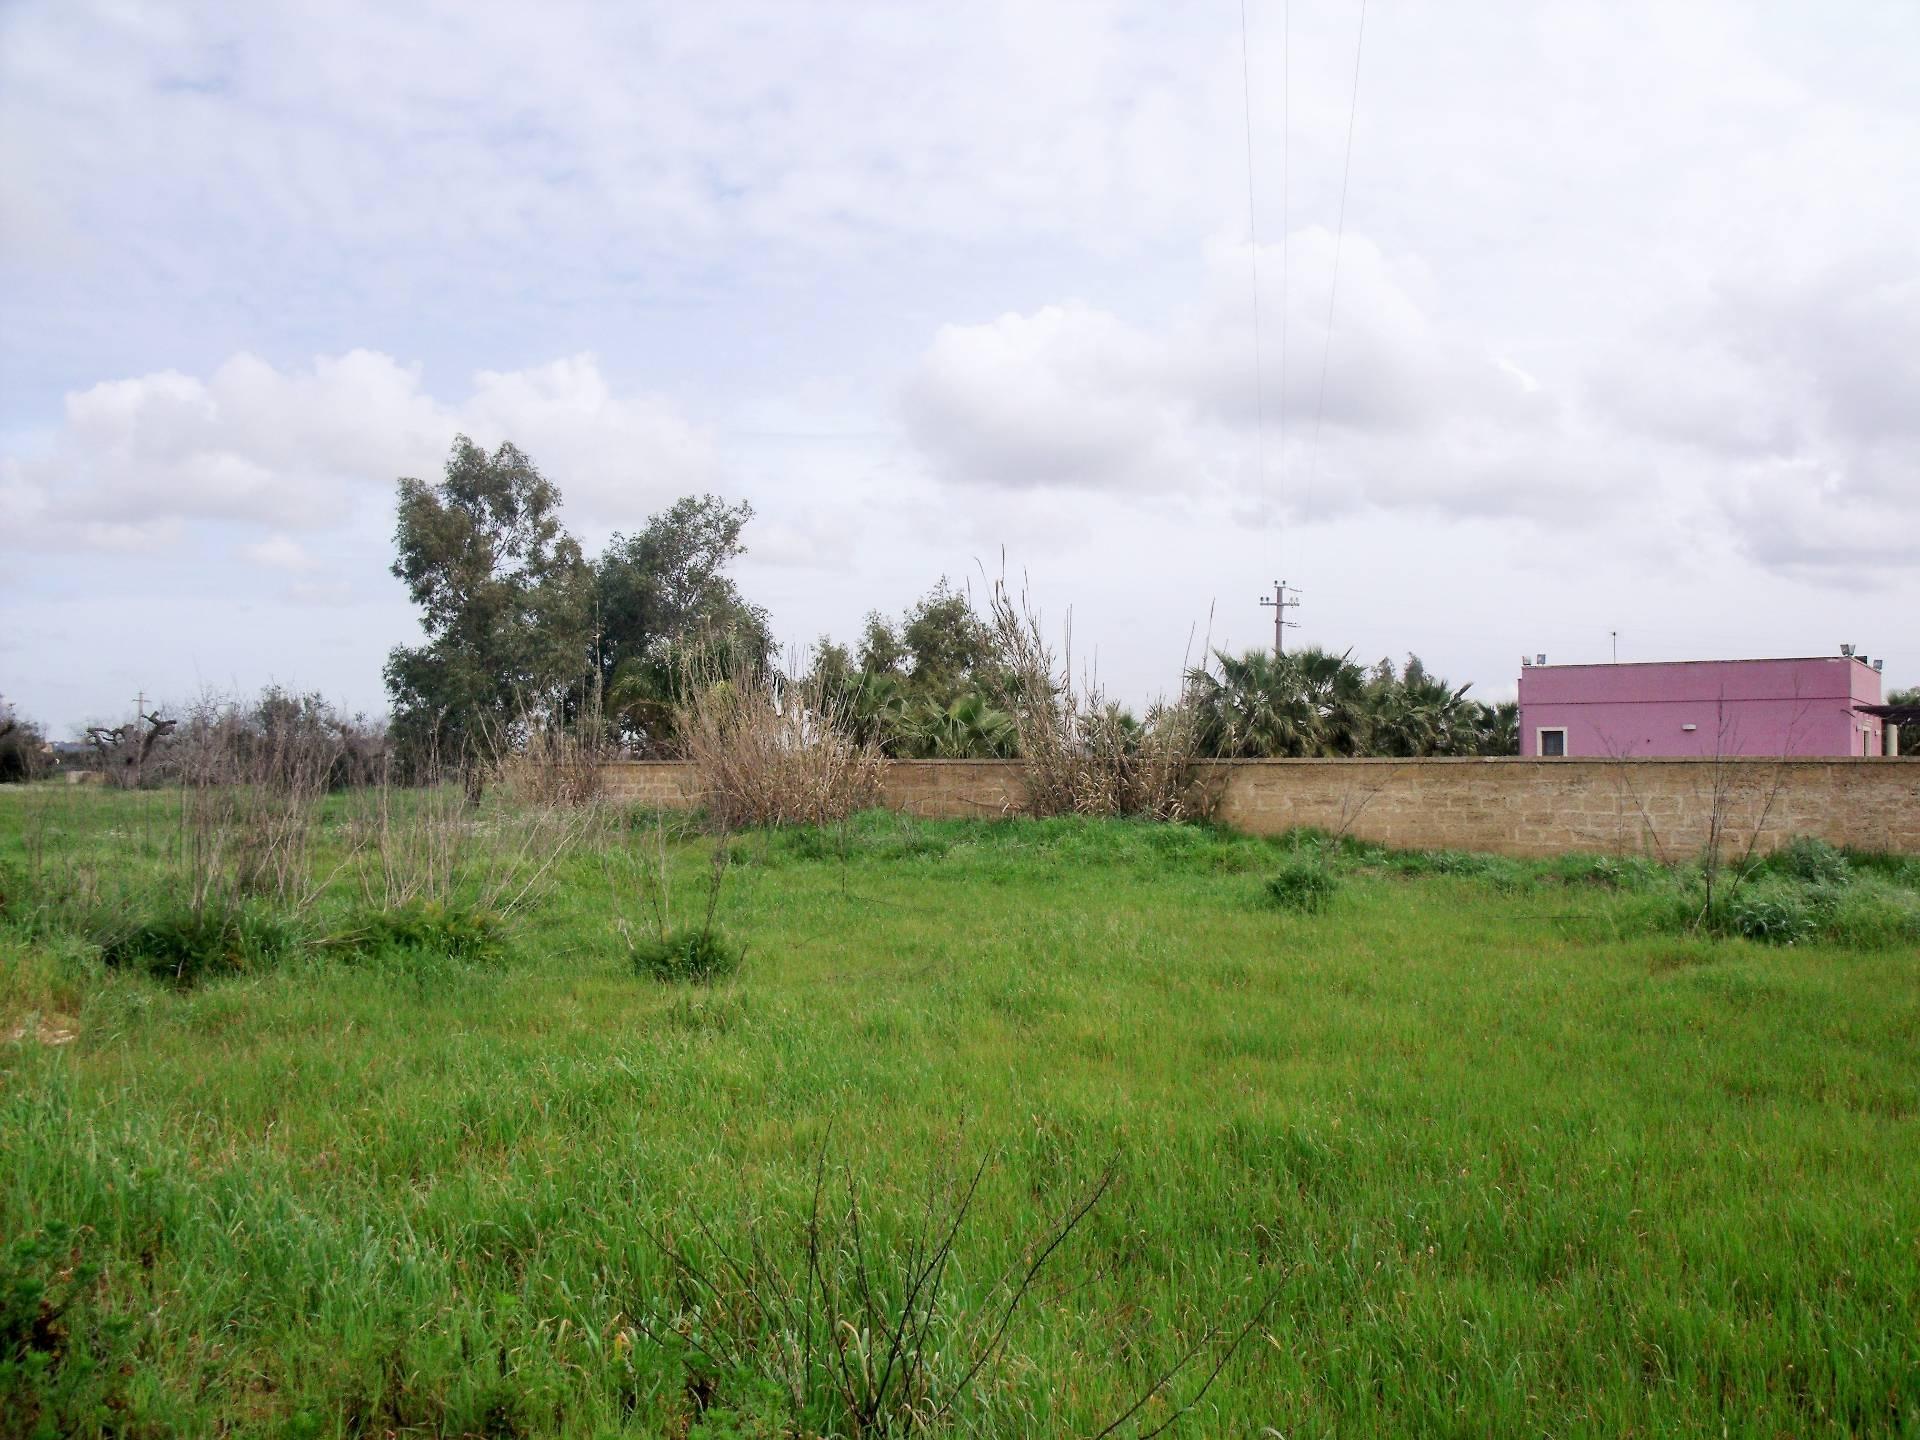 Terreno Agricolo in vendita a Alezio, 9999 locali, prezzo € 7.000 | CambioCasa.it